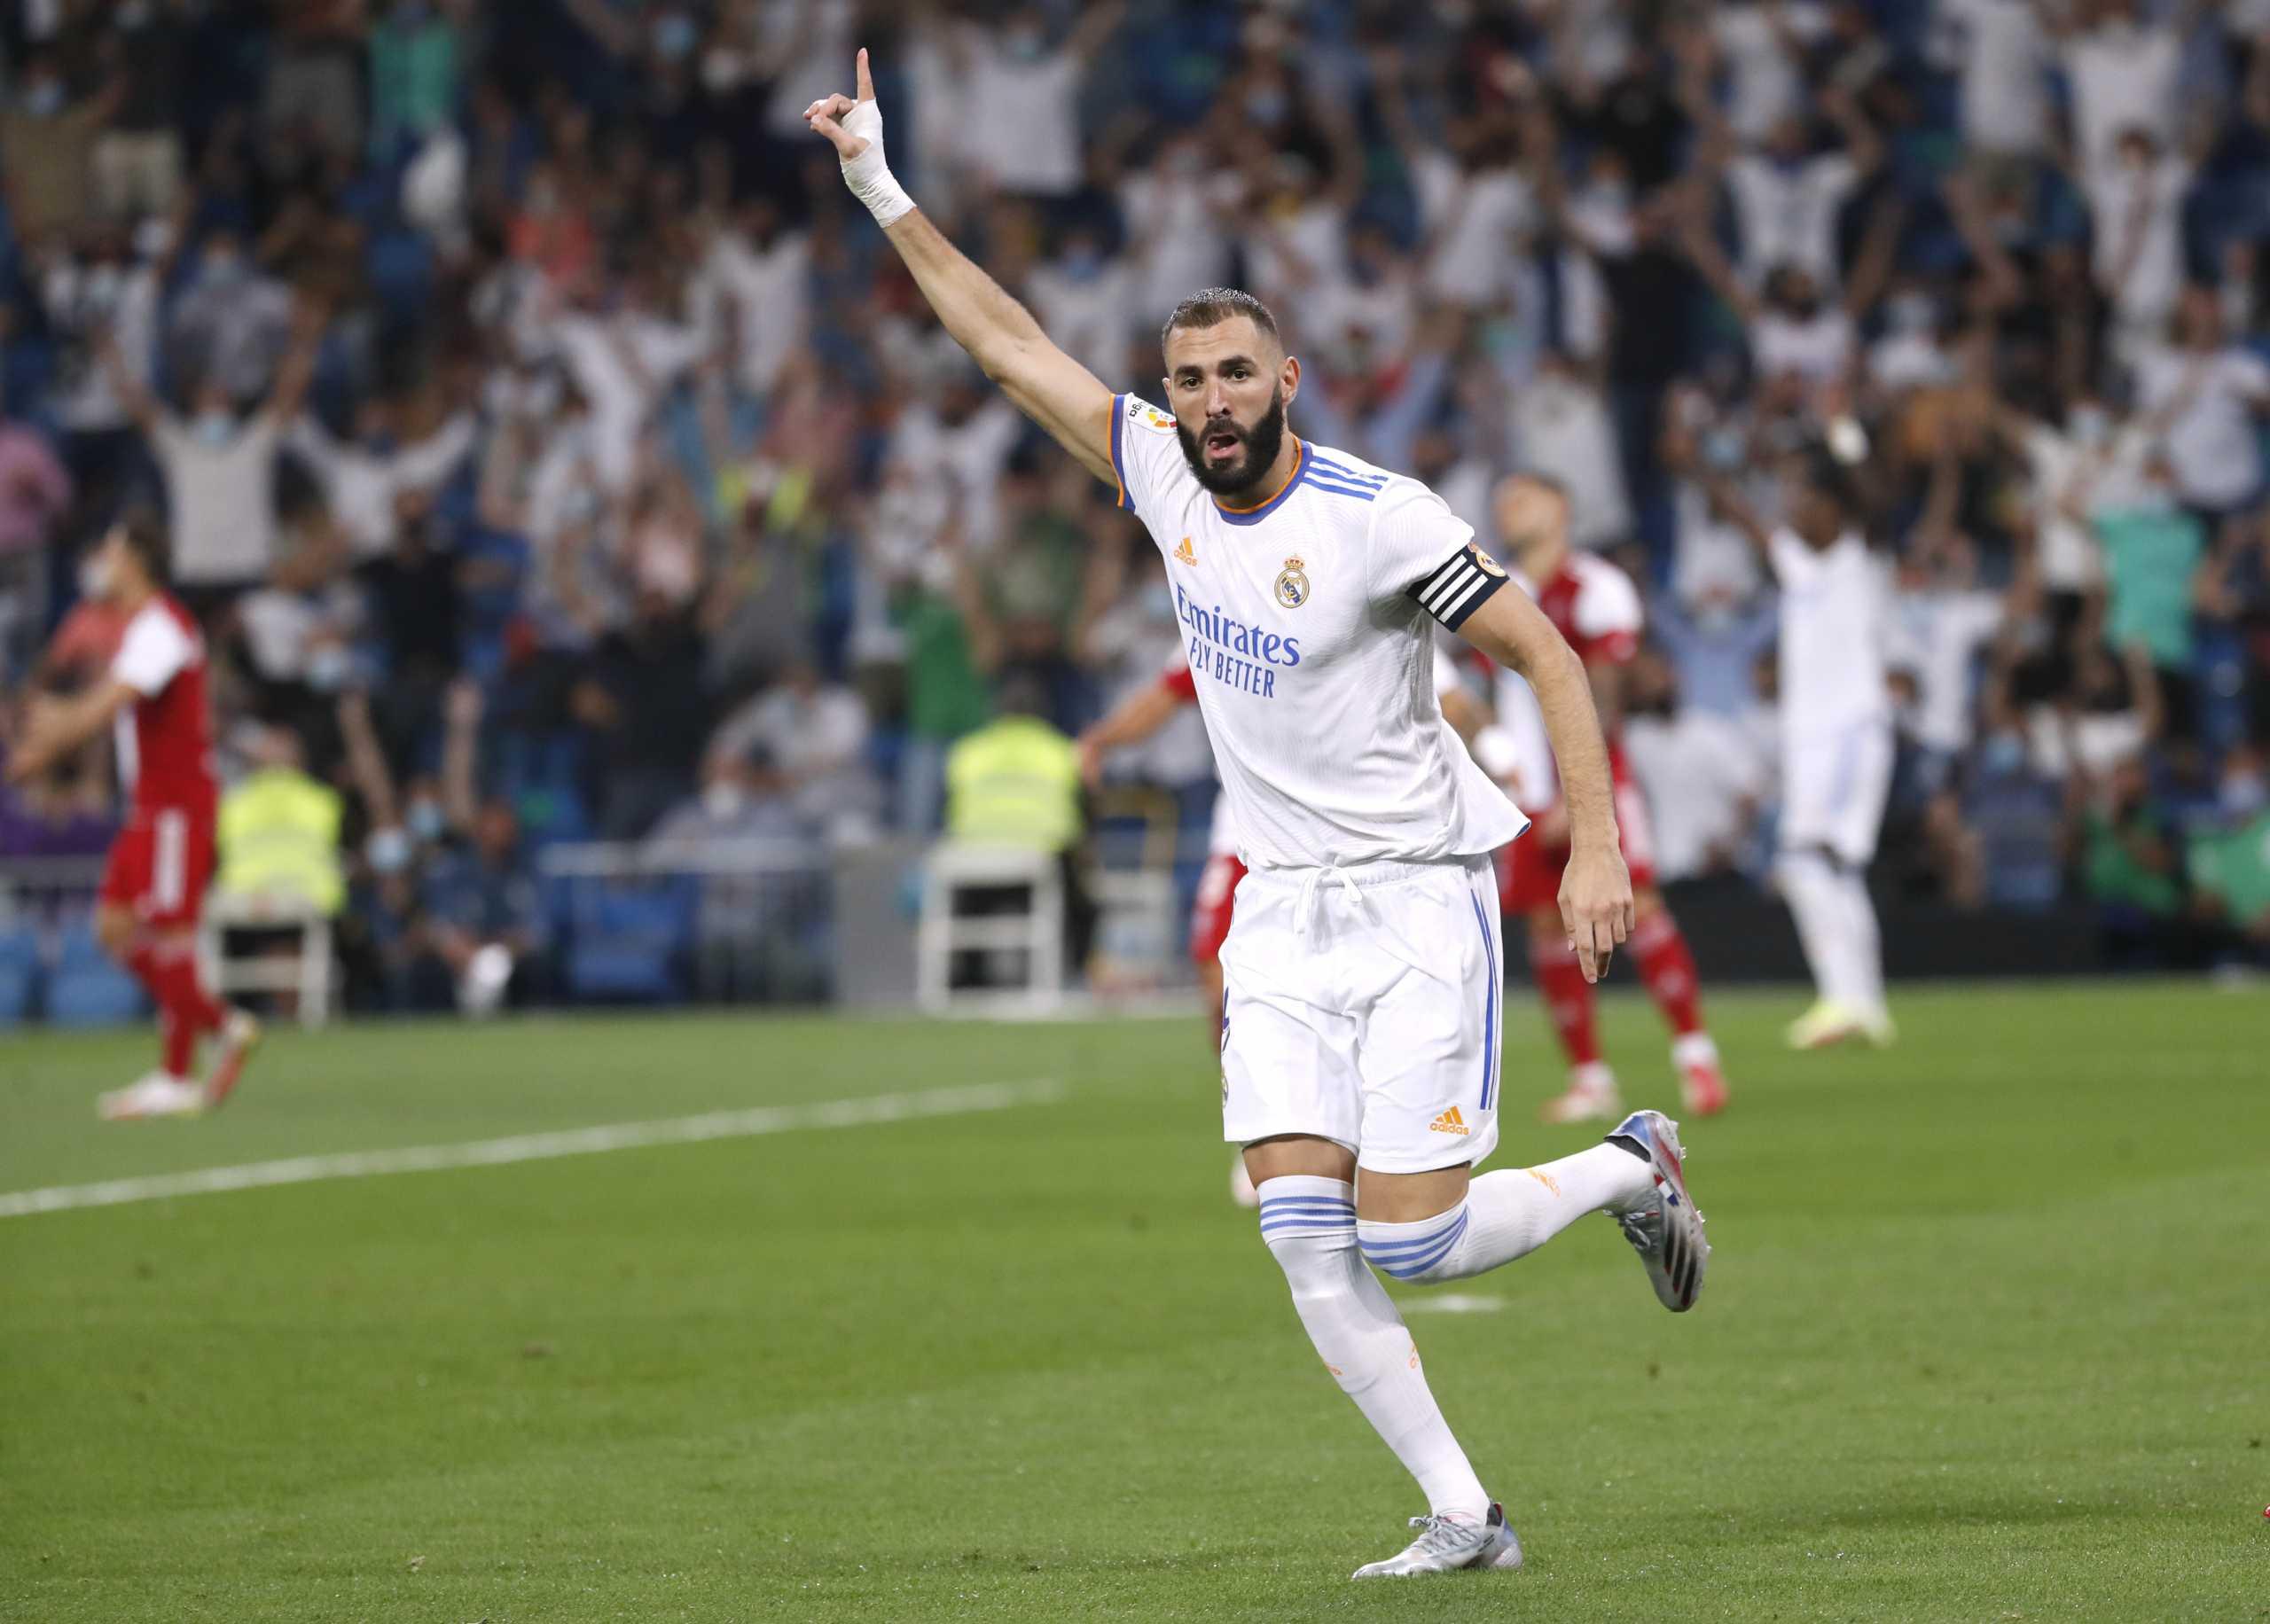 La Liga: Η Ρεάλ με «χατ τρικ» Μπενζεμά «κατάπιε» τη Θέλτα στην επιστροφή στο «Μπερναμπέου»